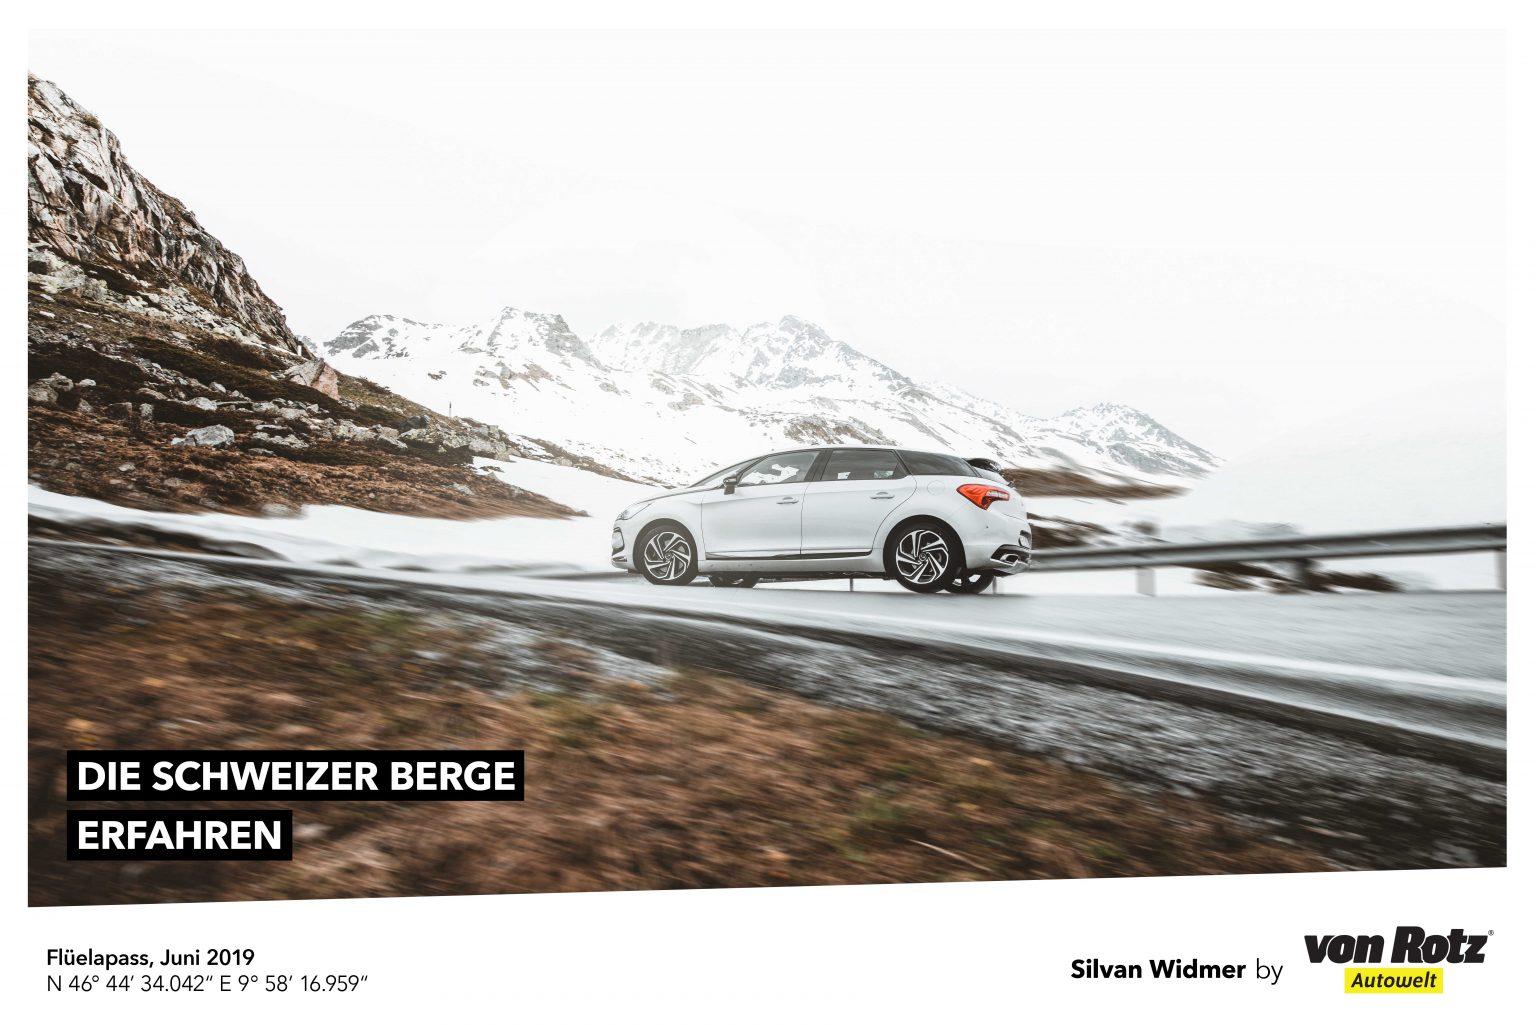 Die Schweizer Berge erfahren mit Silvan Widmer - Auto Welt von Rotz AG 1